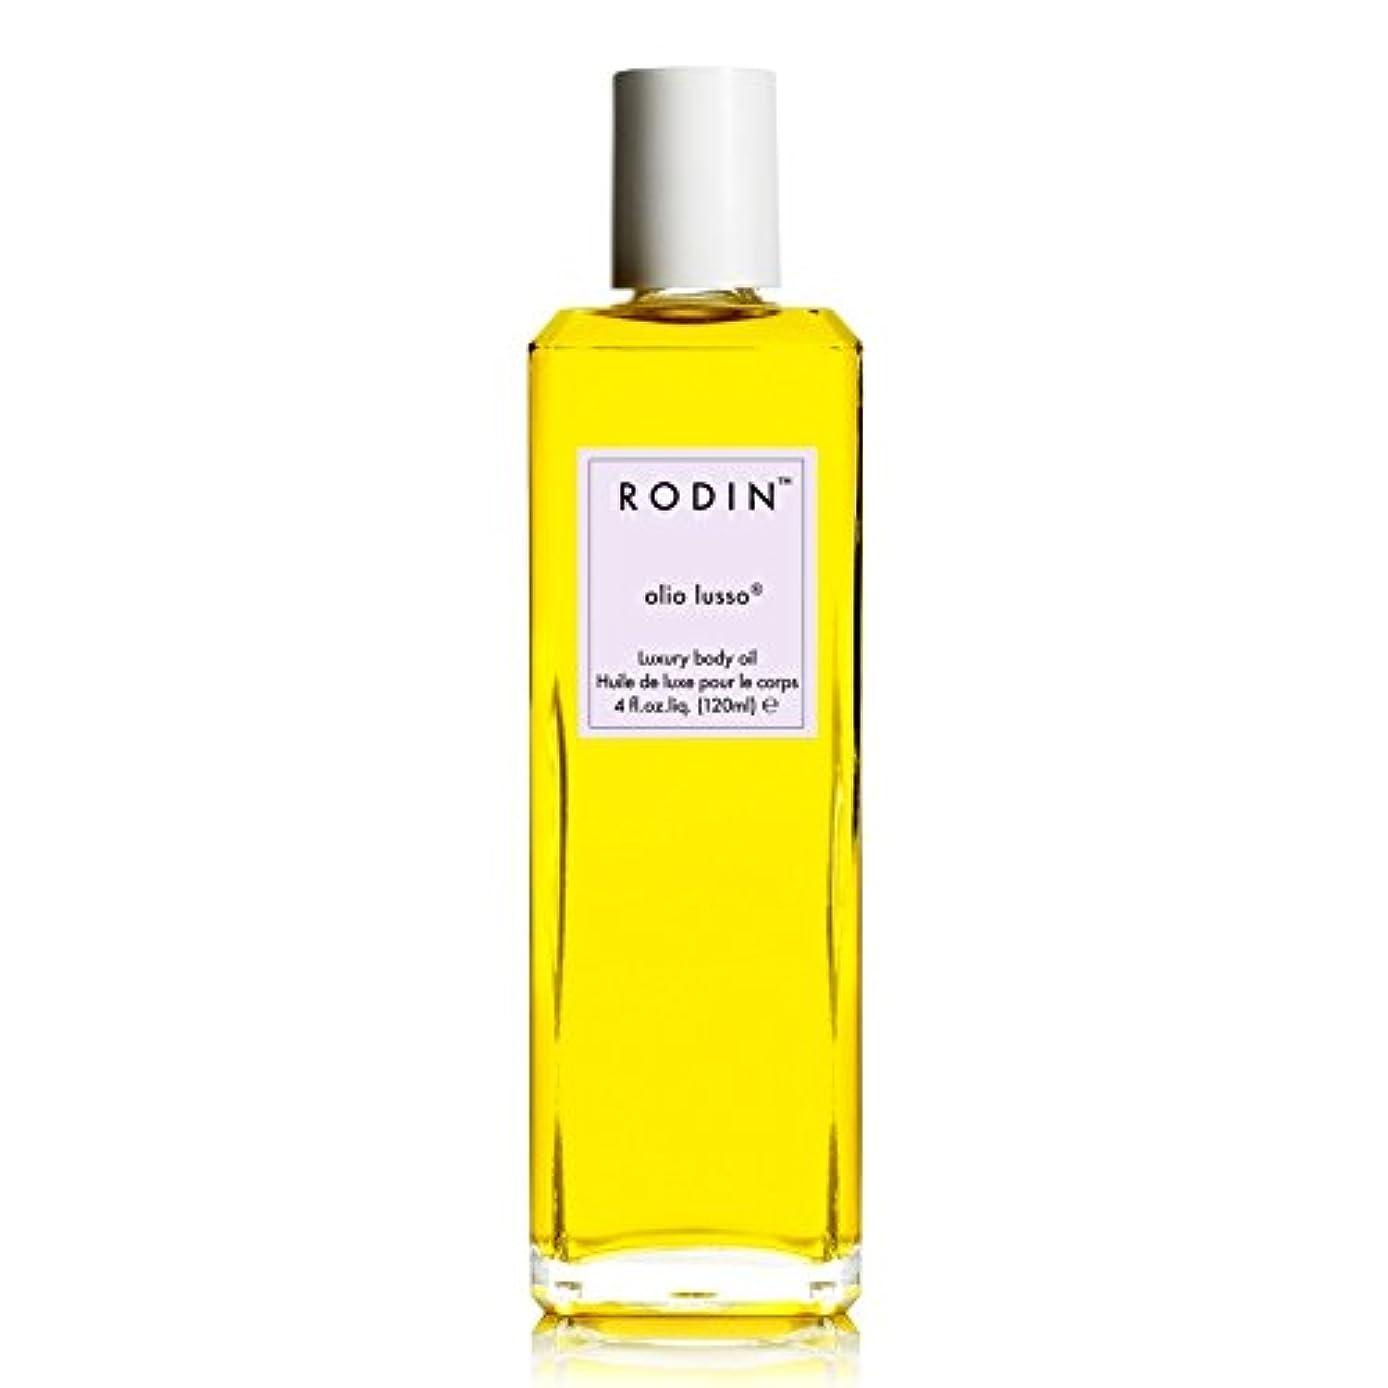 成長するジーンズ旅RODIN olio lusso Lavender Absolute Luxury Body Oil 30ml - ロダンルッソラベンダー絶対贅沢なボディオイル30ミリリットル [並行輸入品]